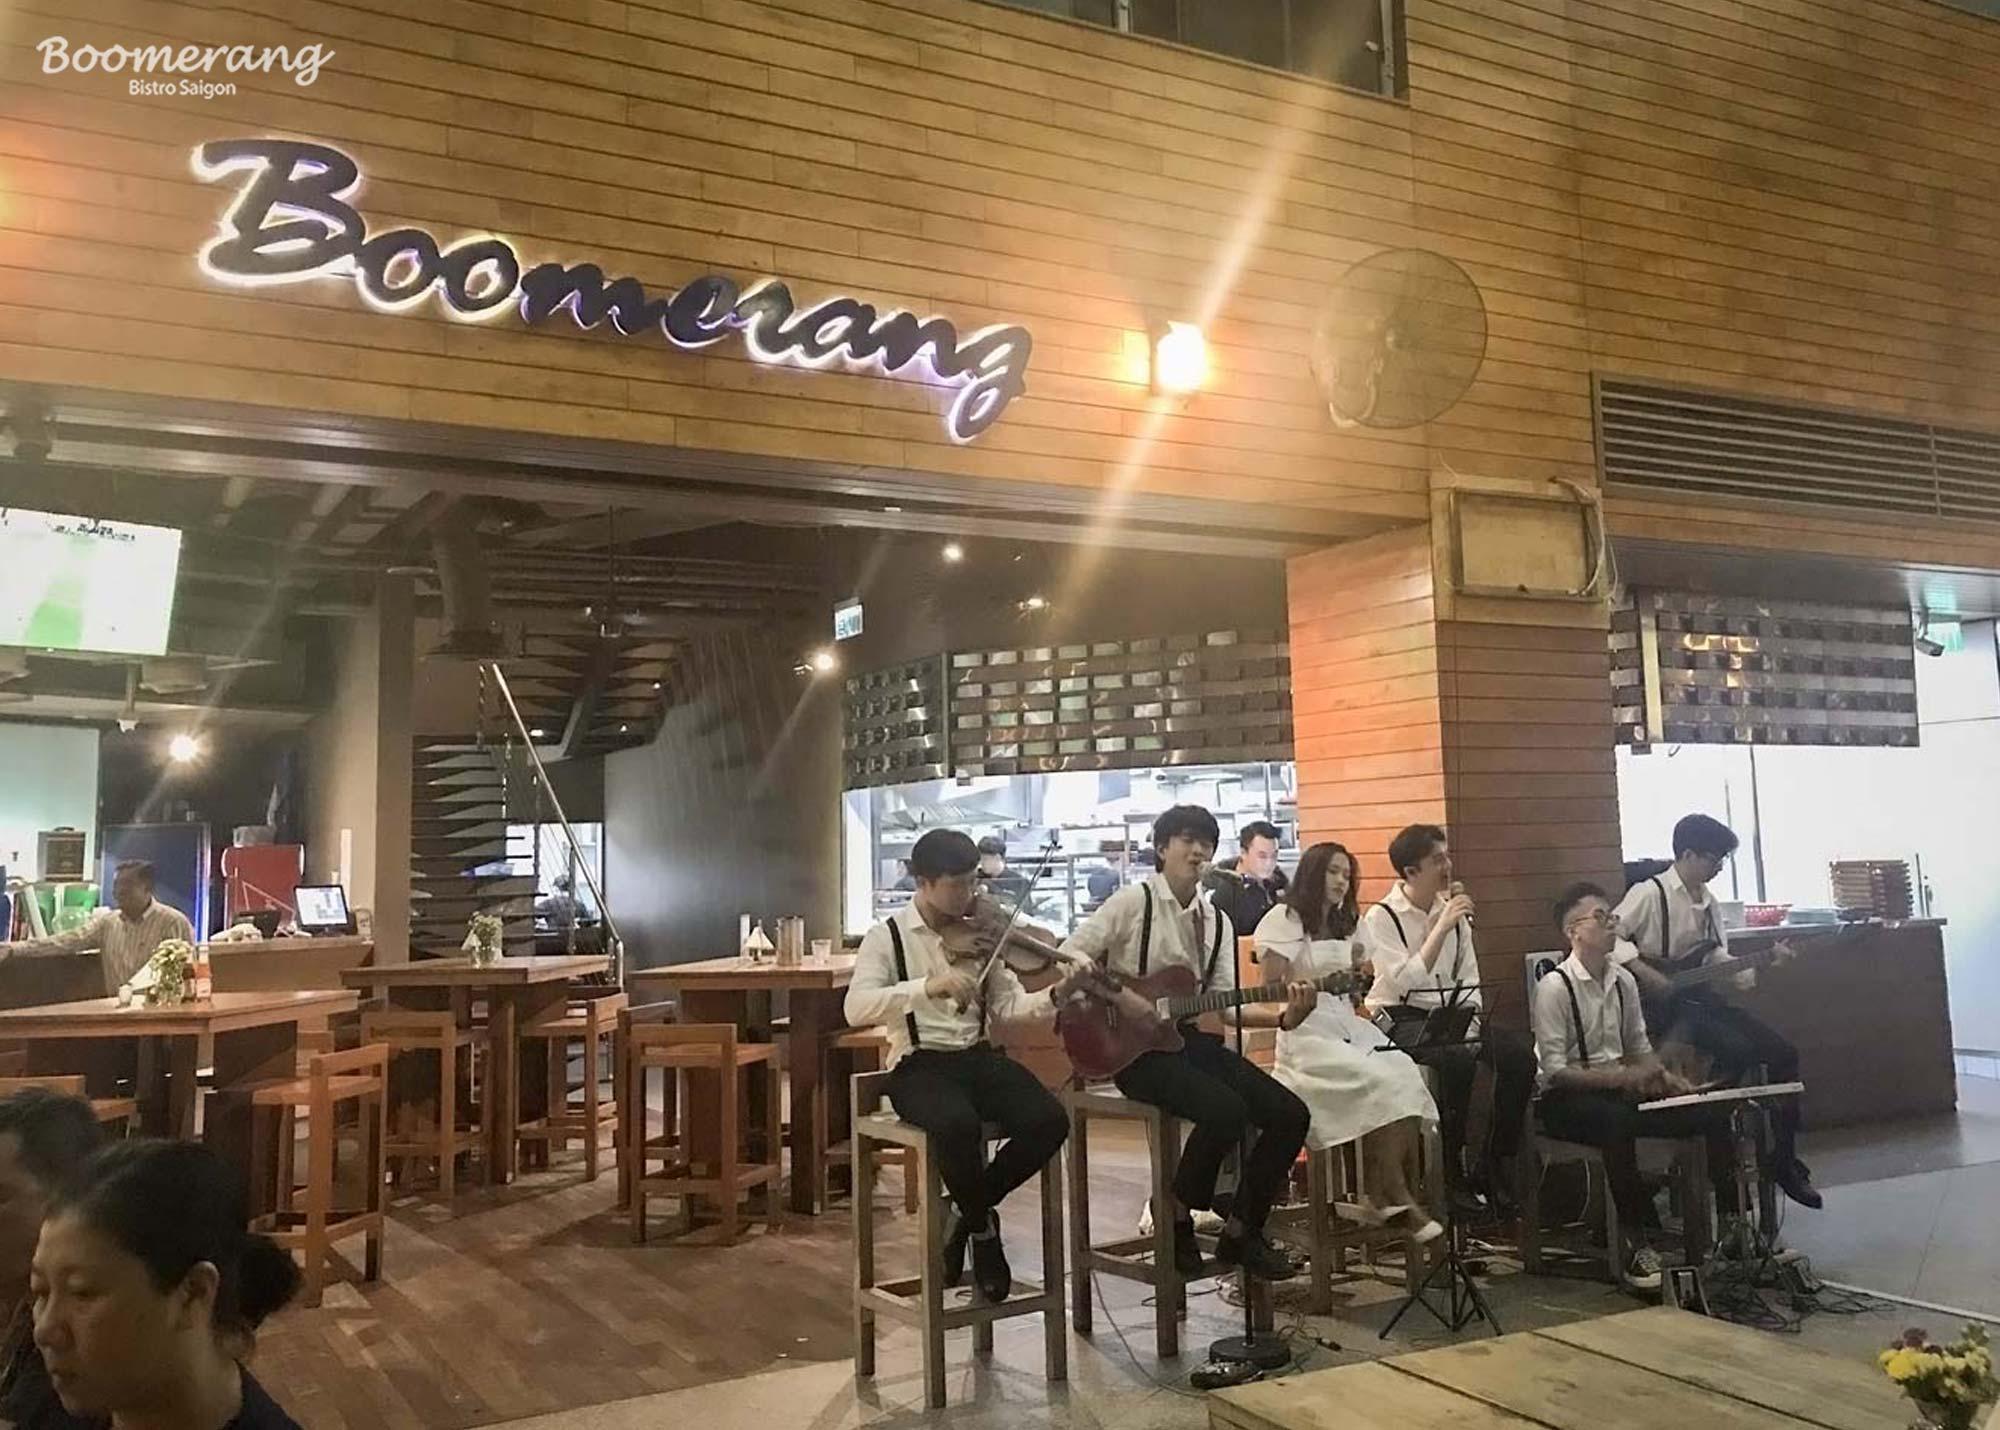 Ban nhạc phục vụ thực khách tại nhà hàng Boomerang